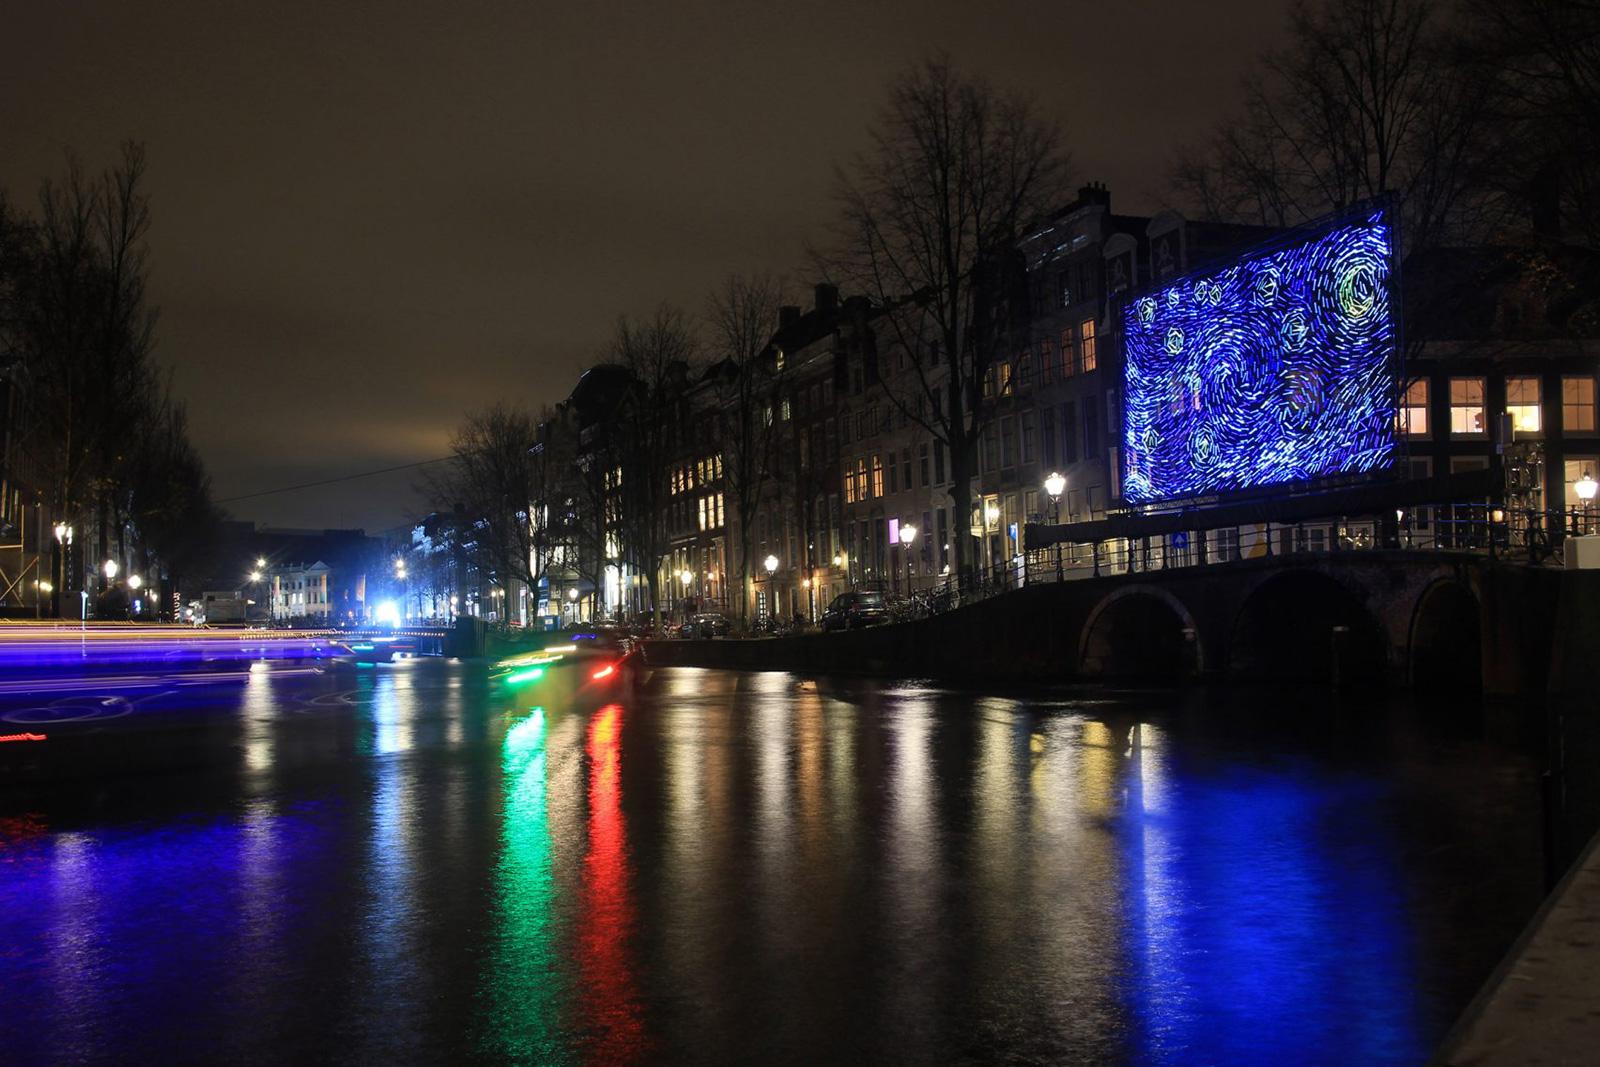 Van Gogh's Starry Night illuminates an Amsterdam bridge